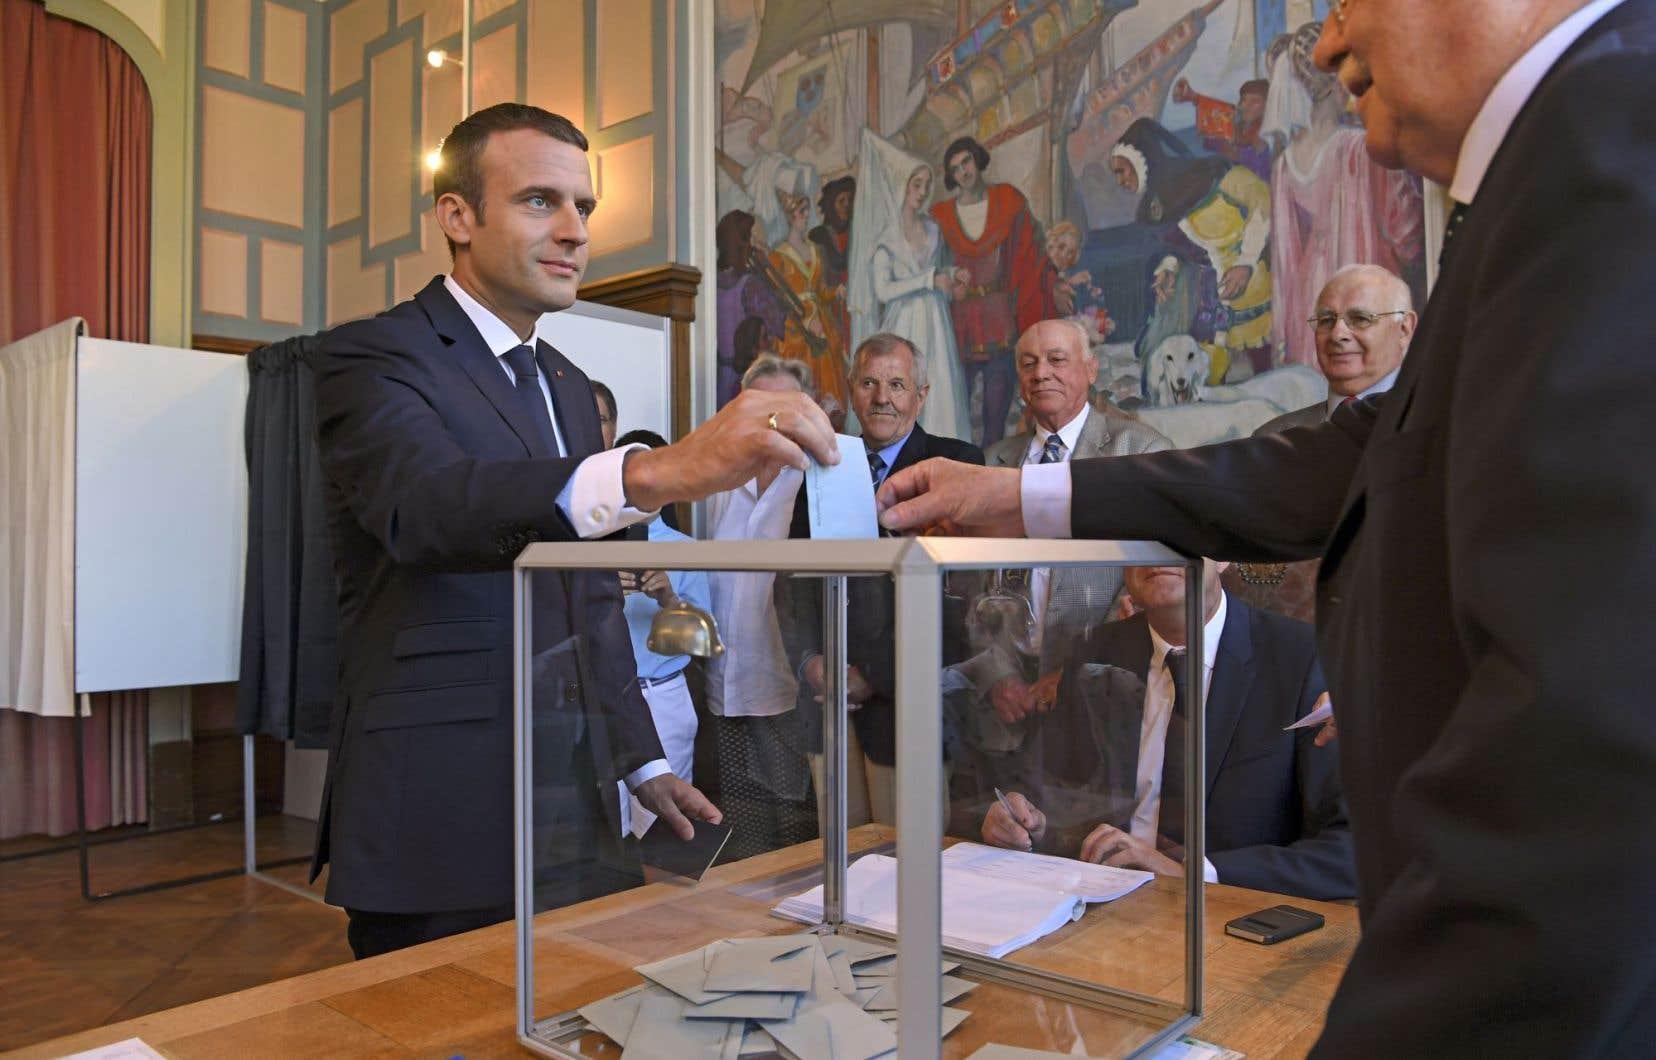 Le président français, Emmanuel Macron, a voté au Touquet dimanche, dans le nord du pays. Avec plus de 300 sièges, il pourra gouverner sans même faire de compromis avec le parti de son allié François Bayrou.